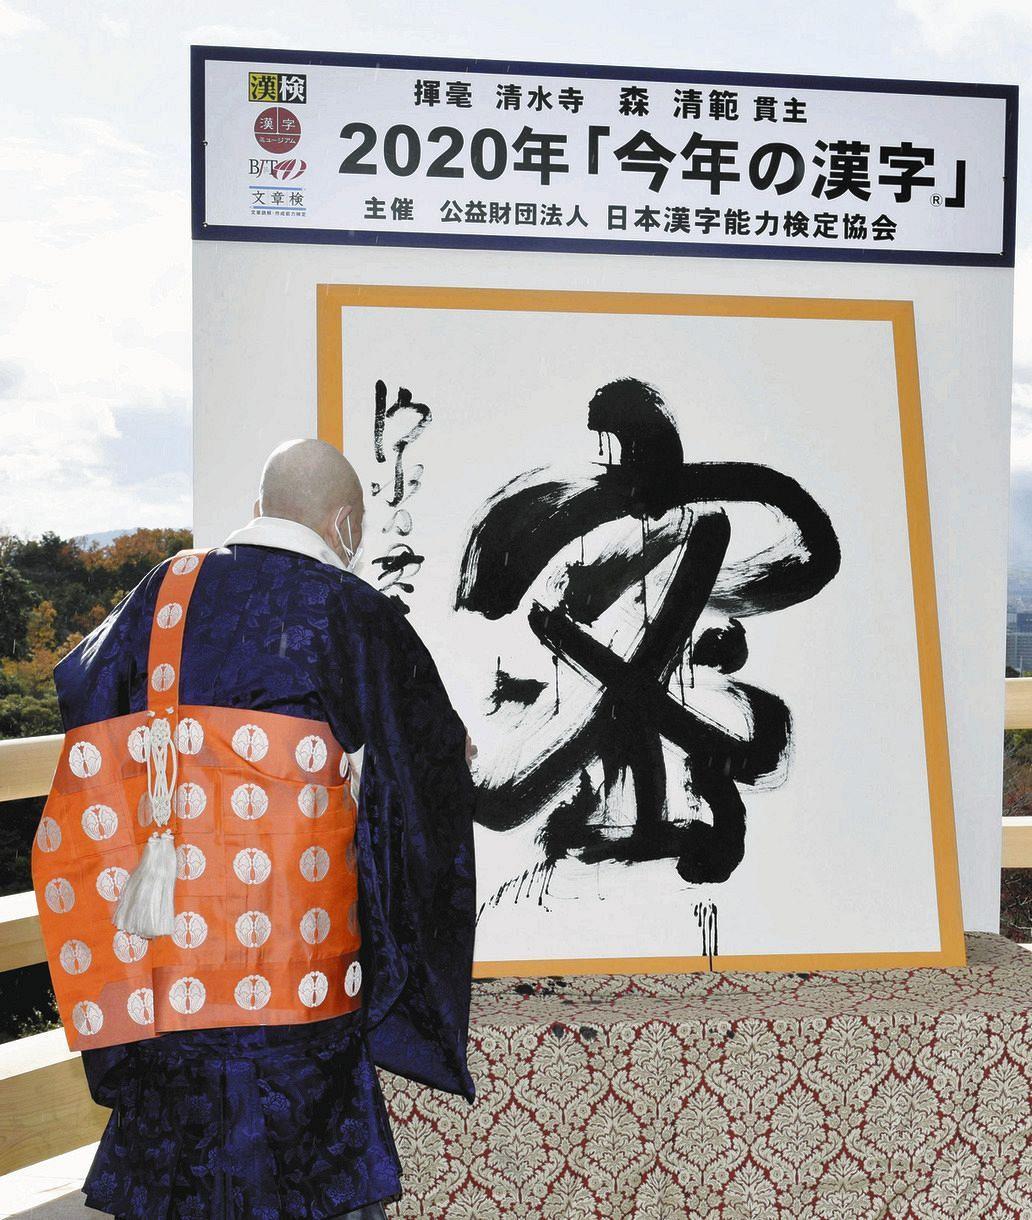 2020 漢字 今年 の